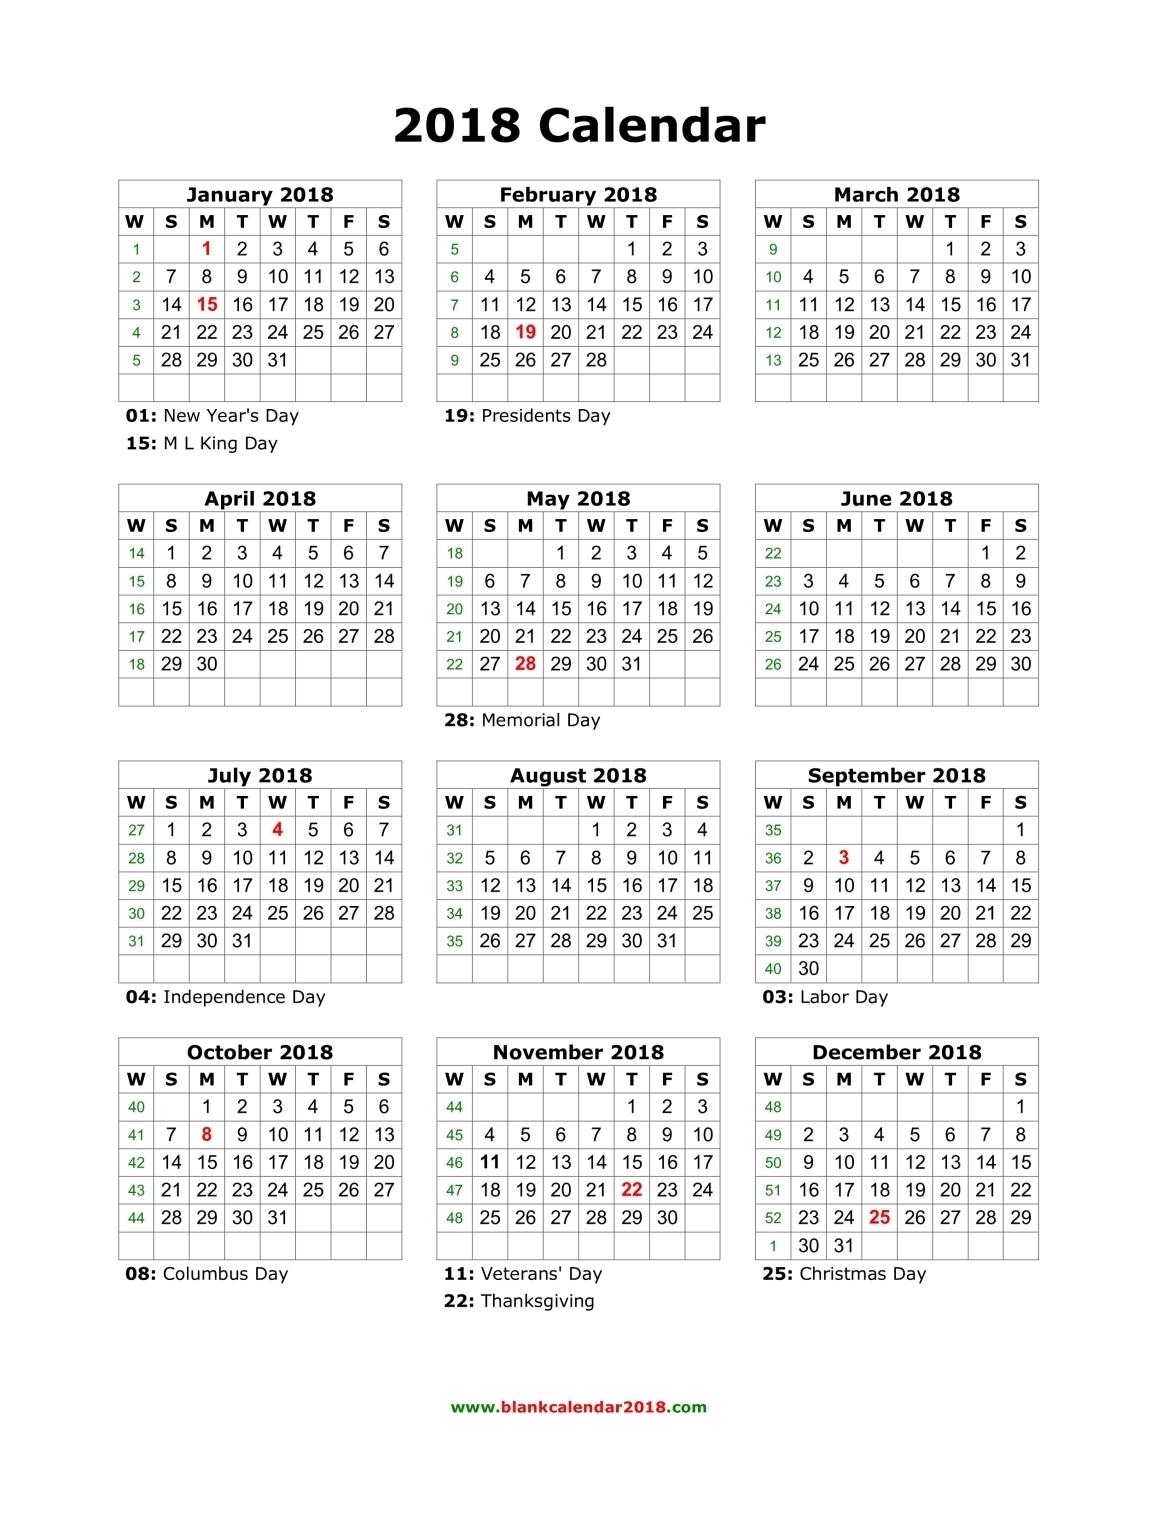 2018 Calendar Canada | printable calendar templates